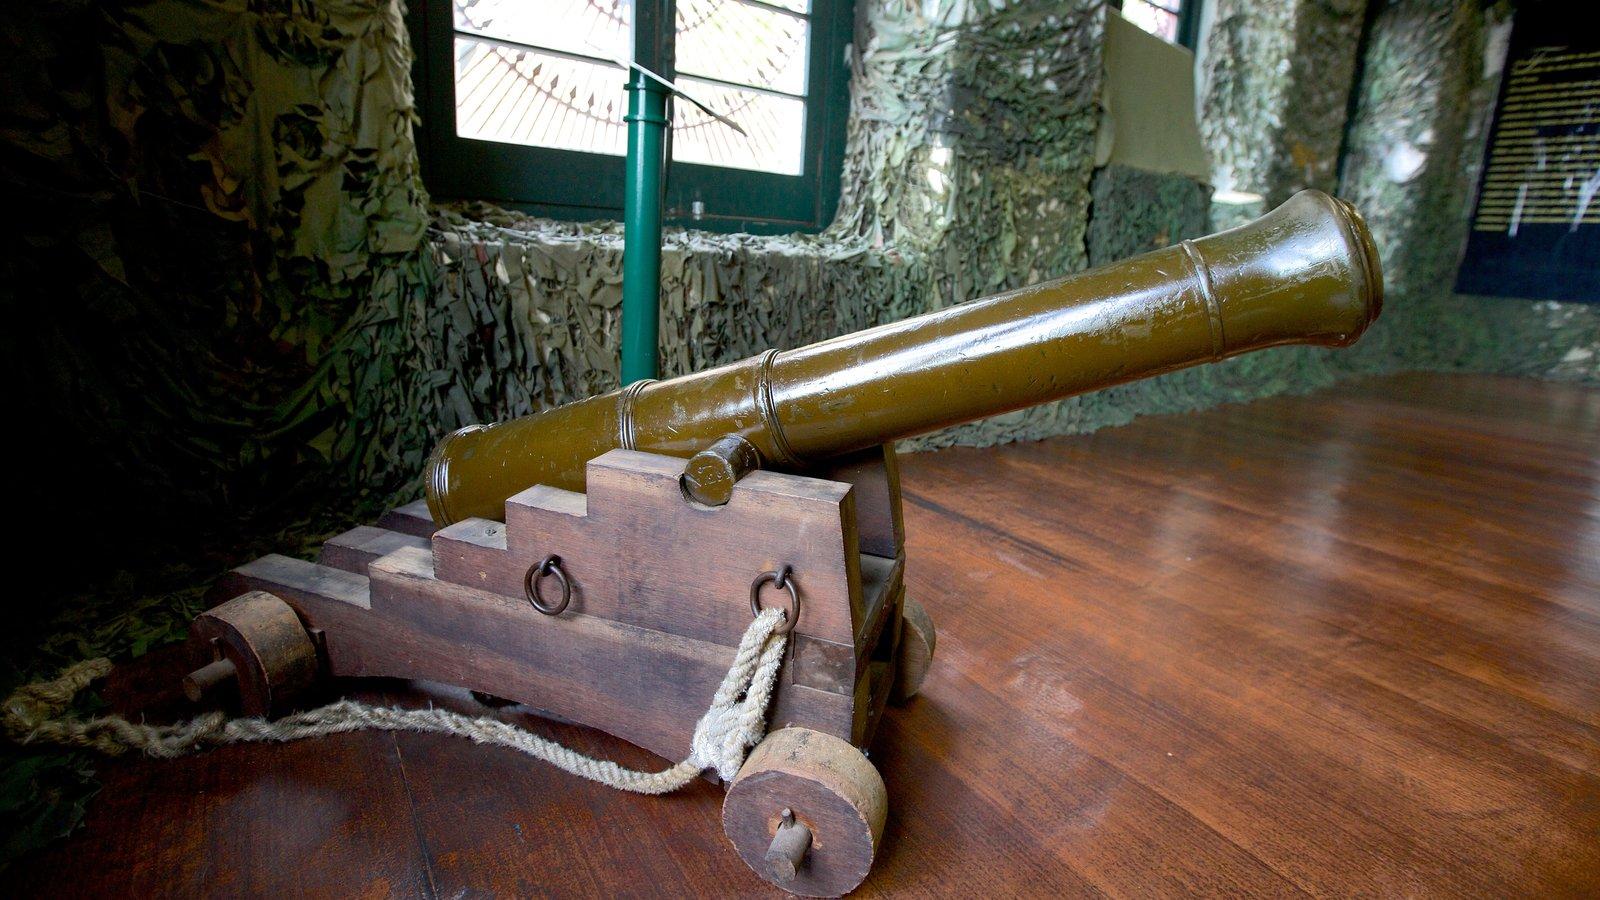 Museu Militar mostrando vistas internas e itens militares